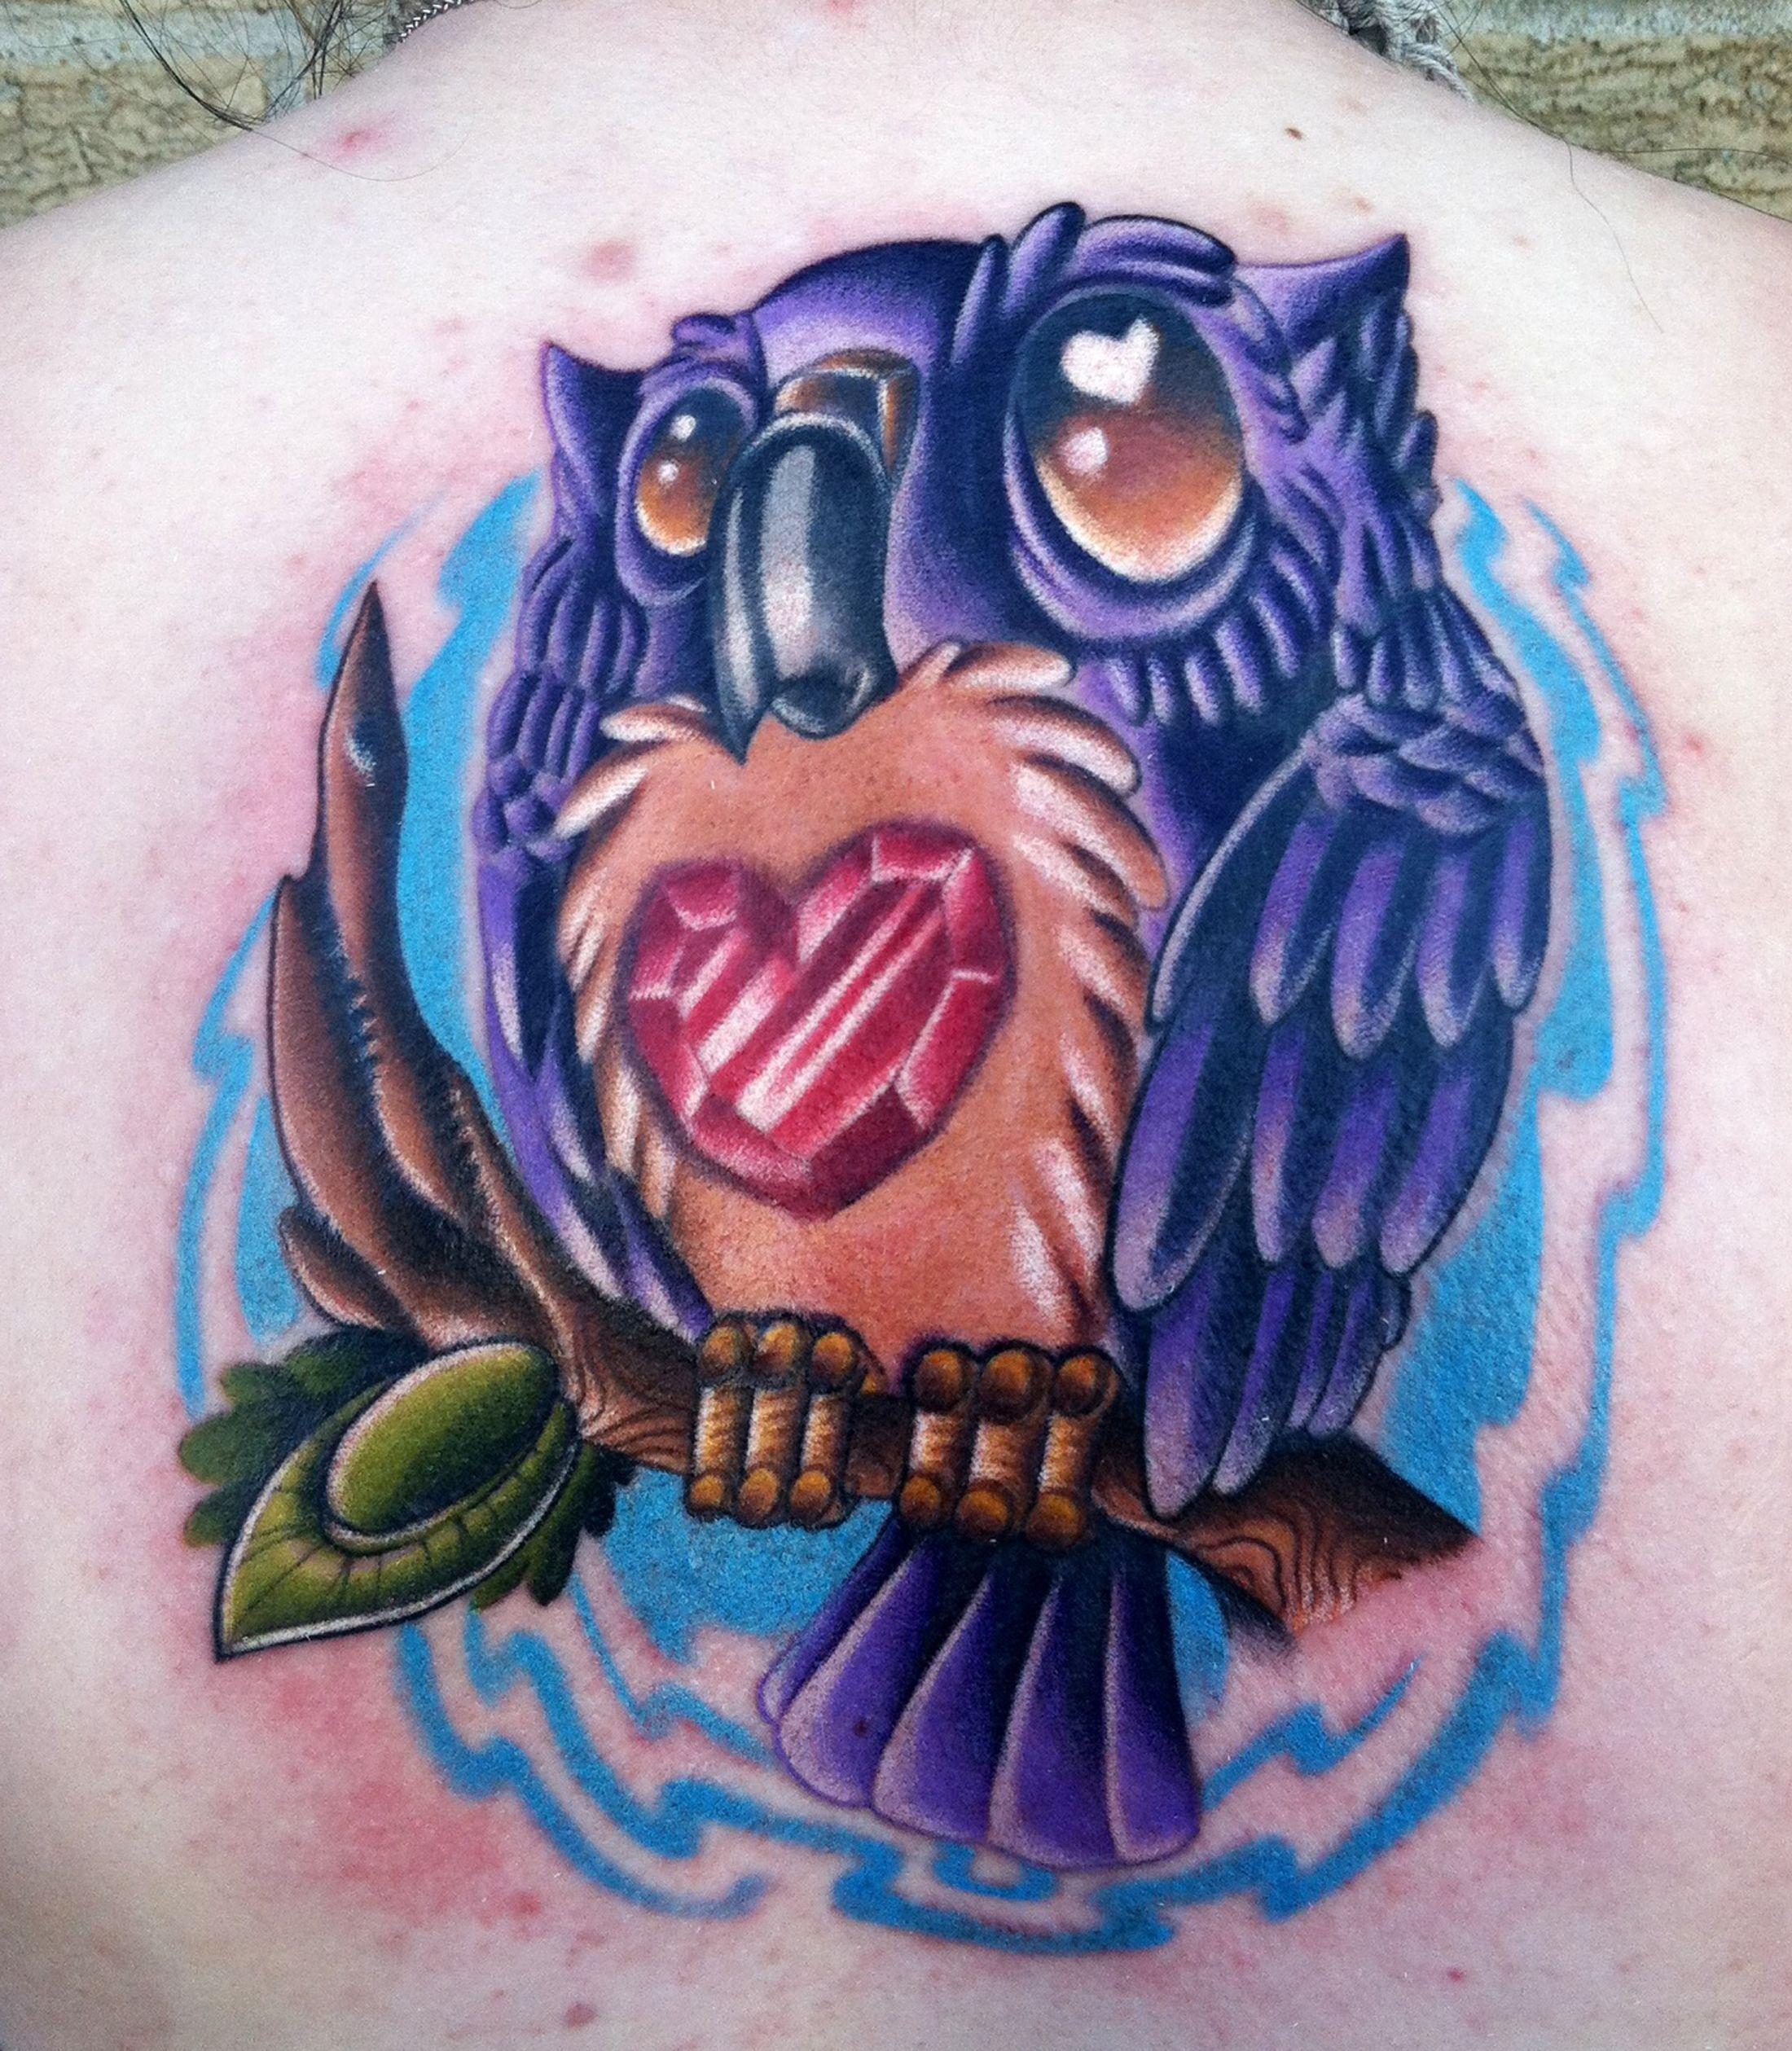 New school tattoo design - New School Owl Tattoo Designs New School Full Color Tattoos